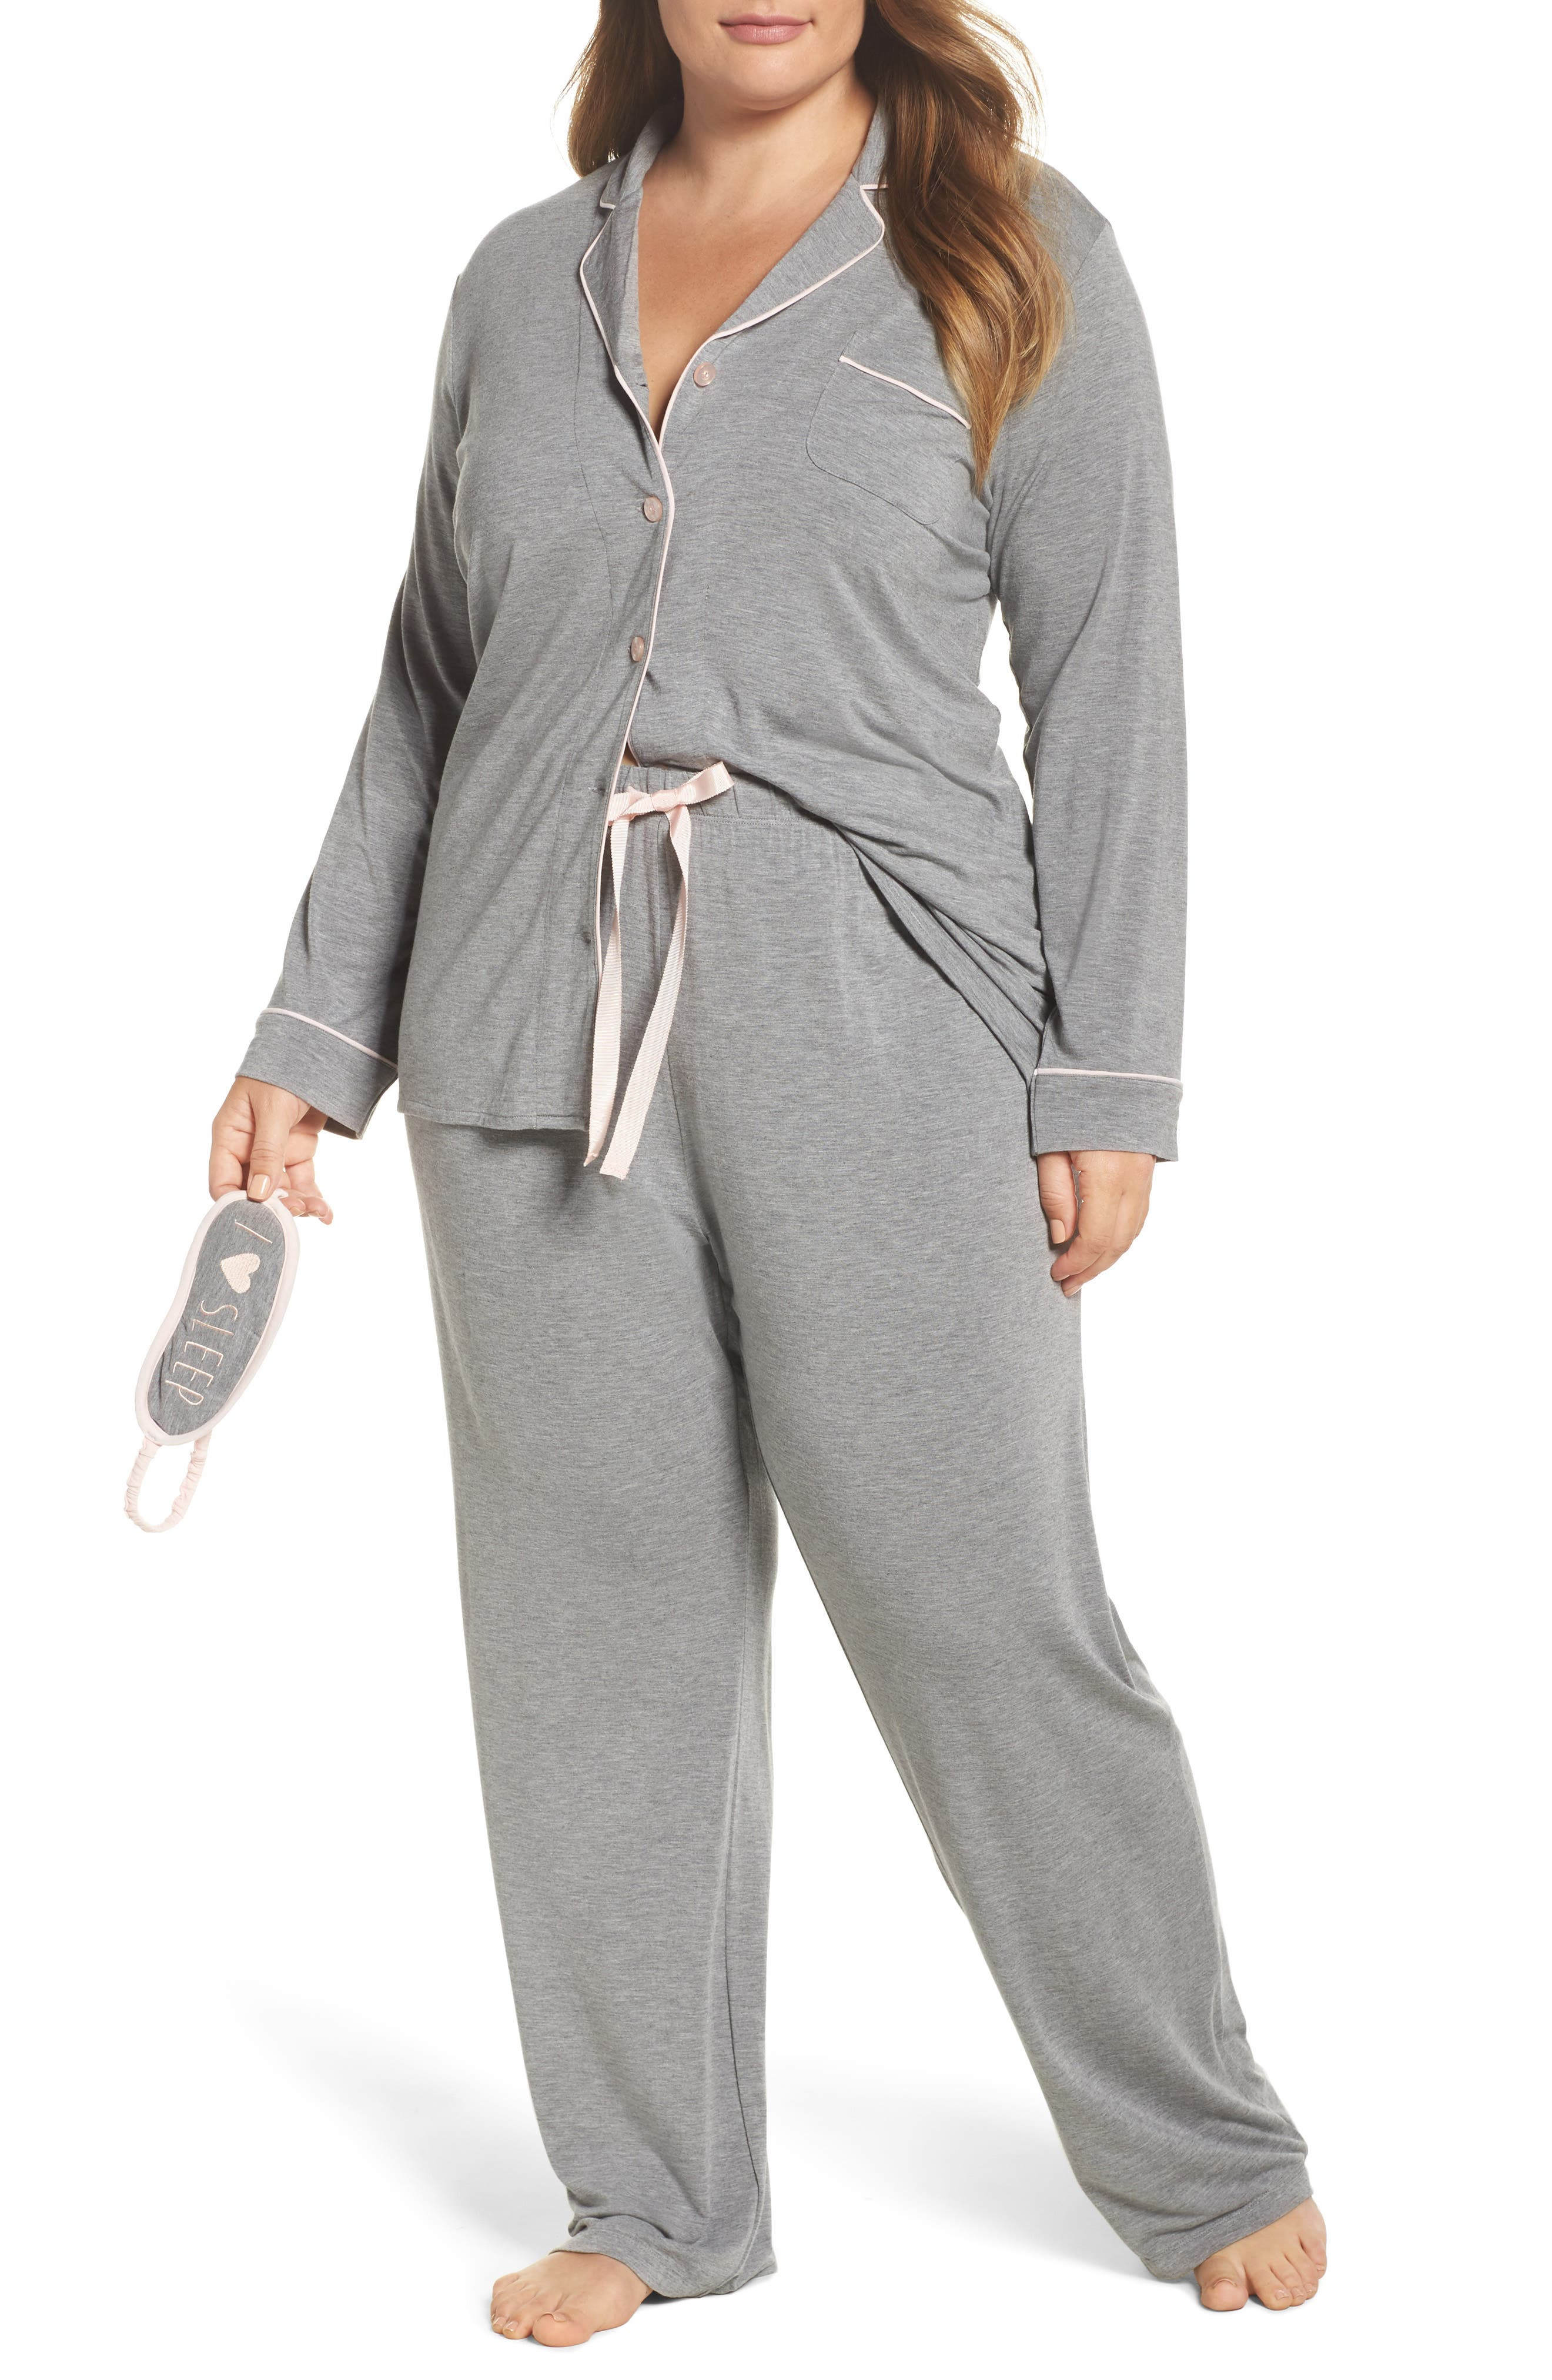 Main Image - PJ Salvage Stretch Modal Pajamas & Eye Mask (Plus Size)